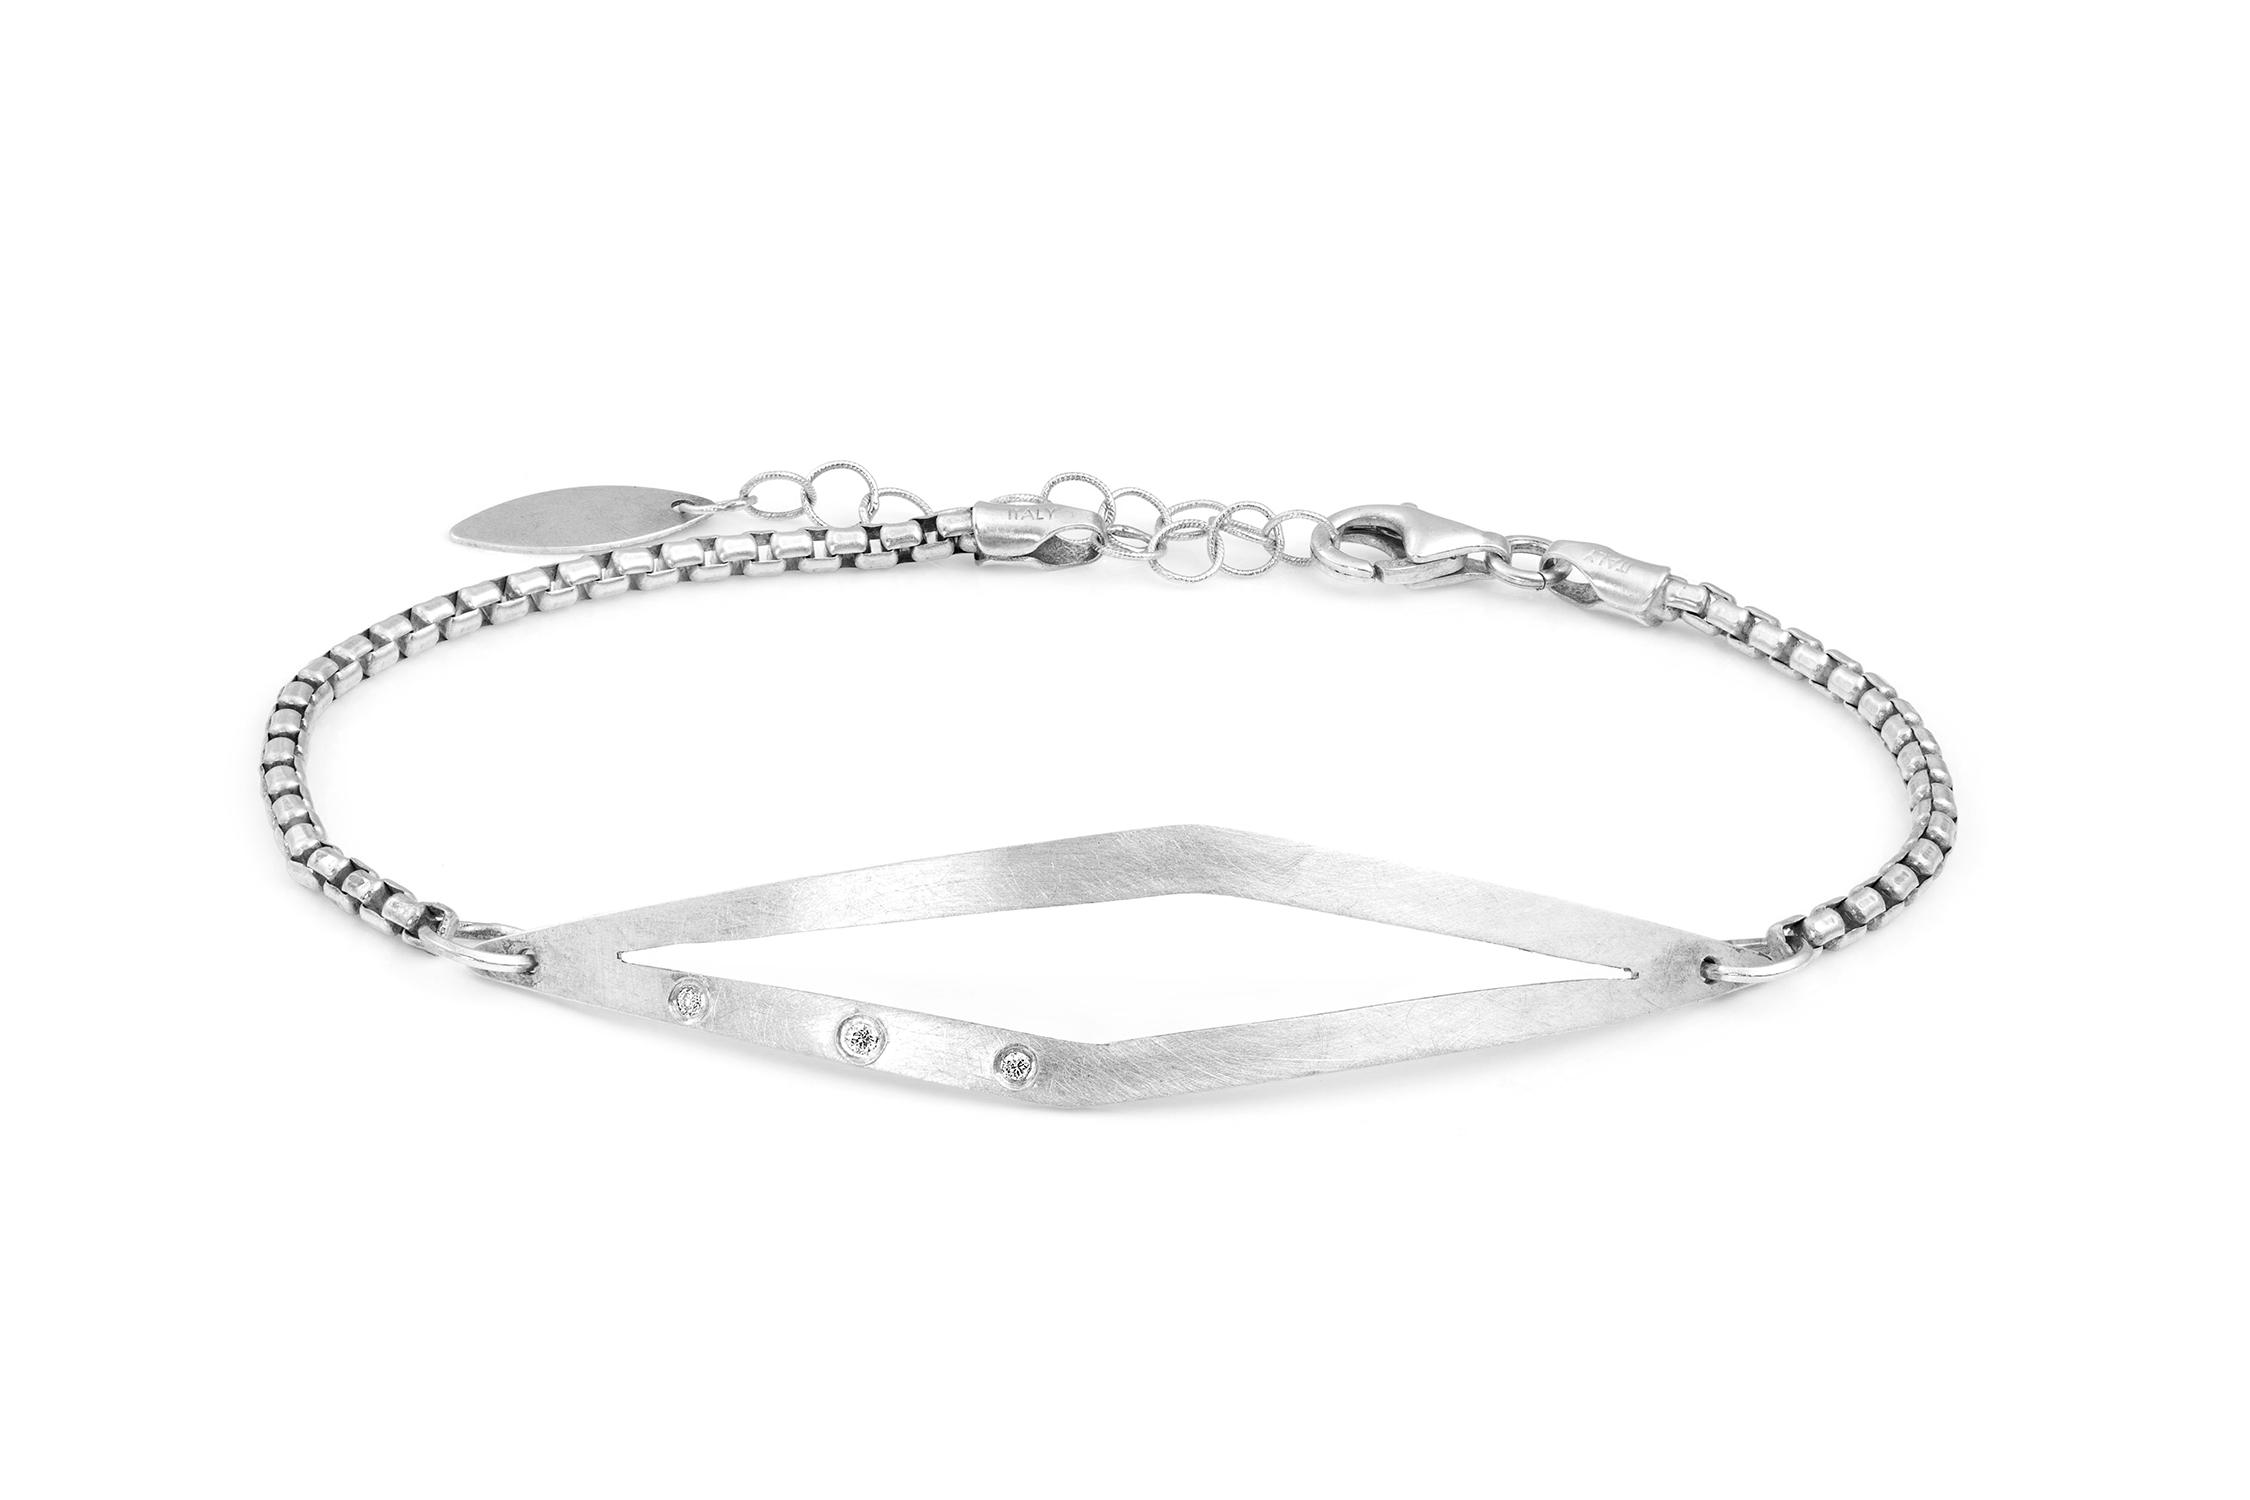 Bracelet by Enji Studio Jewelry